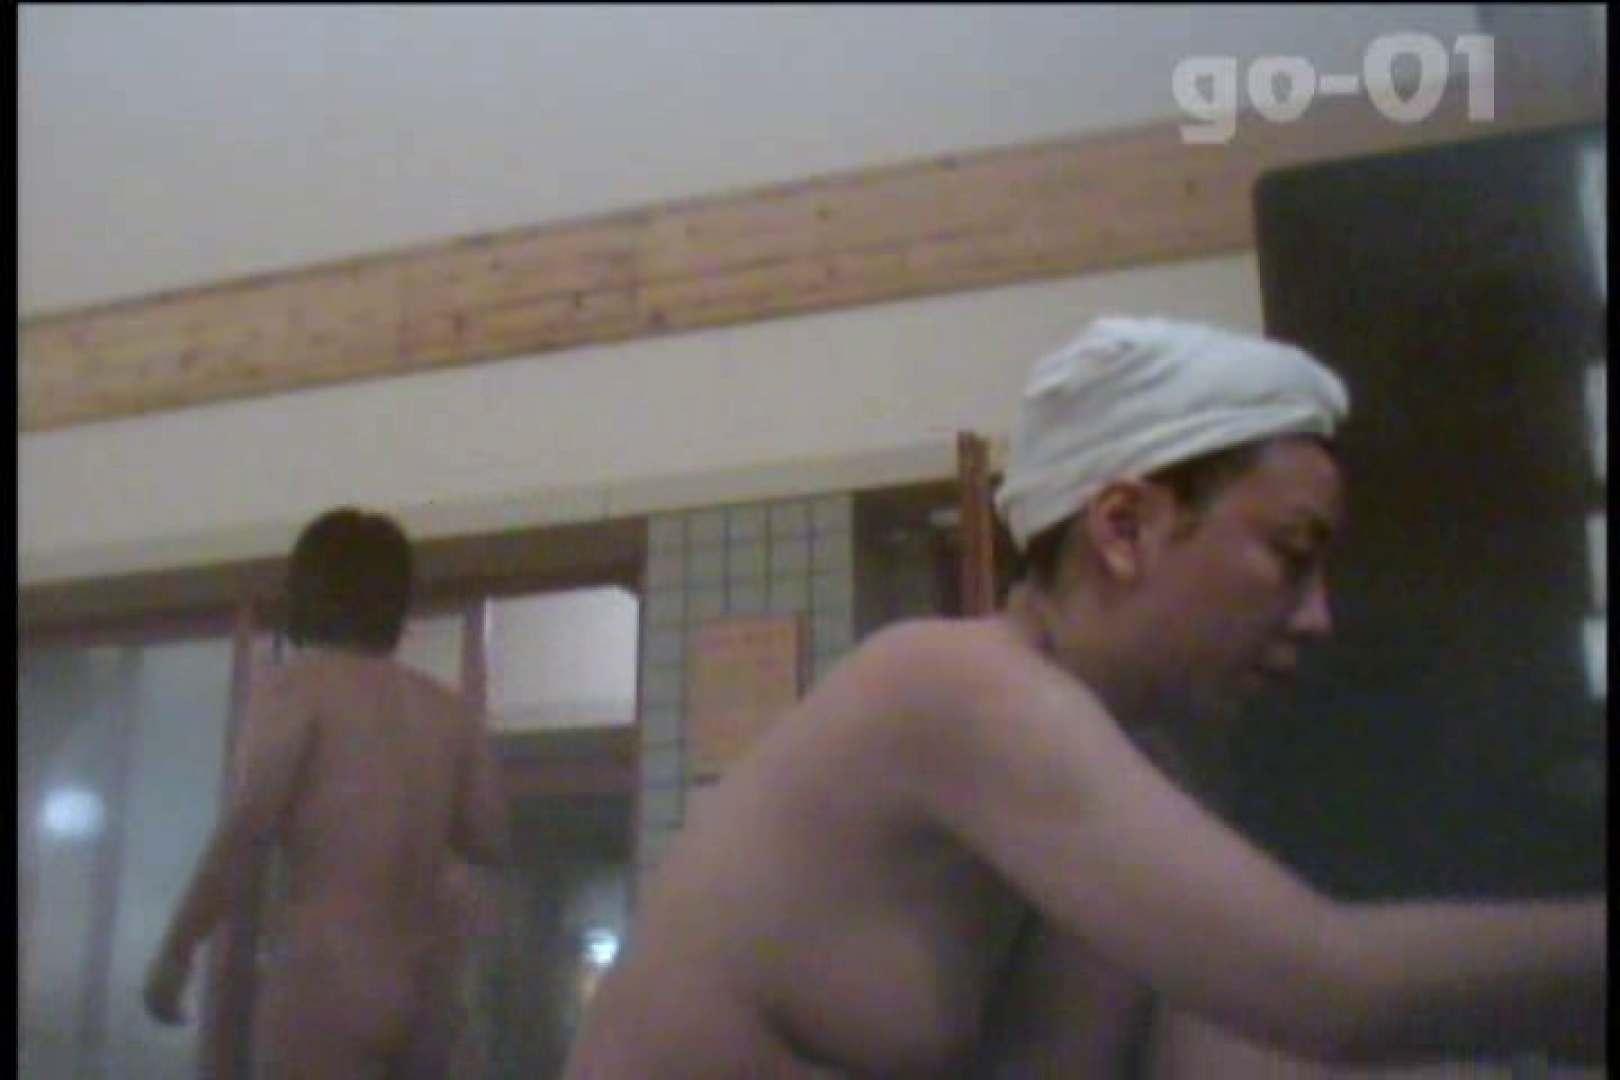 厳選潜入女風呂 No.01 潜入 | 盗撮  70枚 34